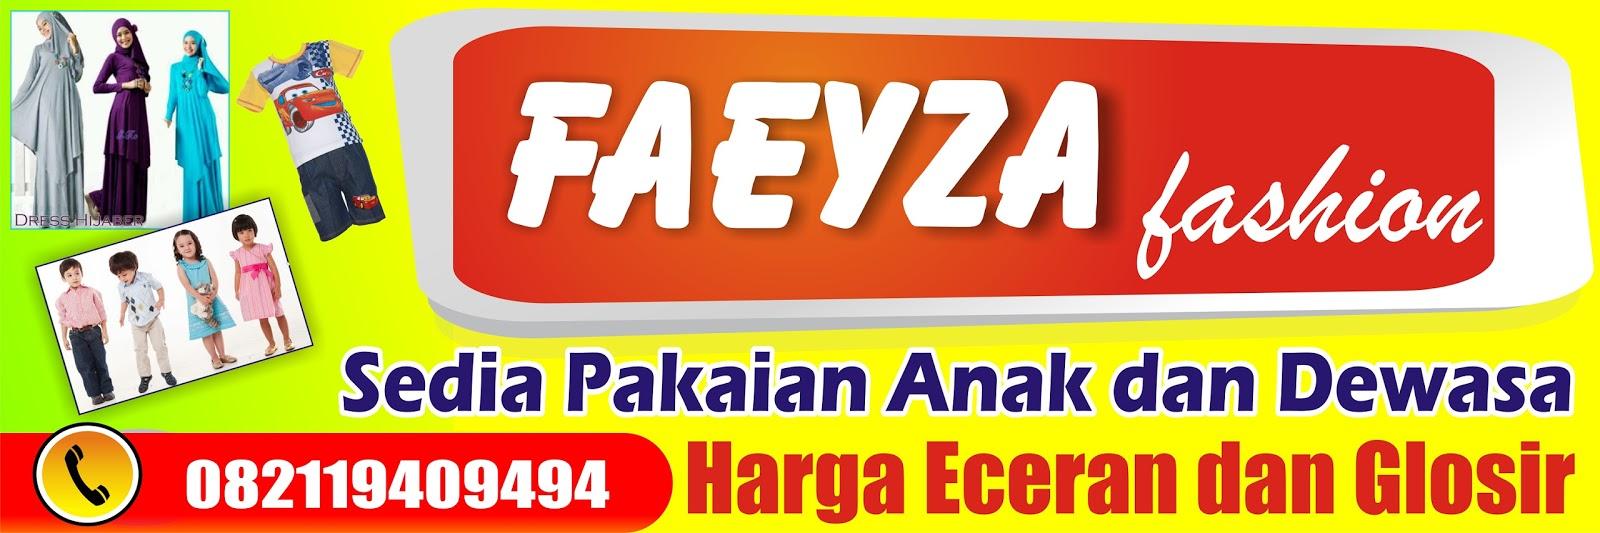 Contoh Desain Banner Toko Kelontong